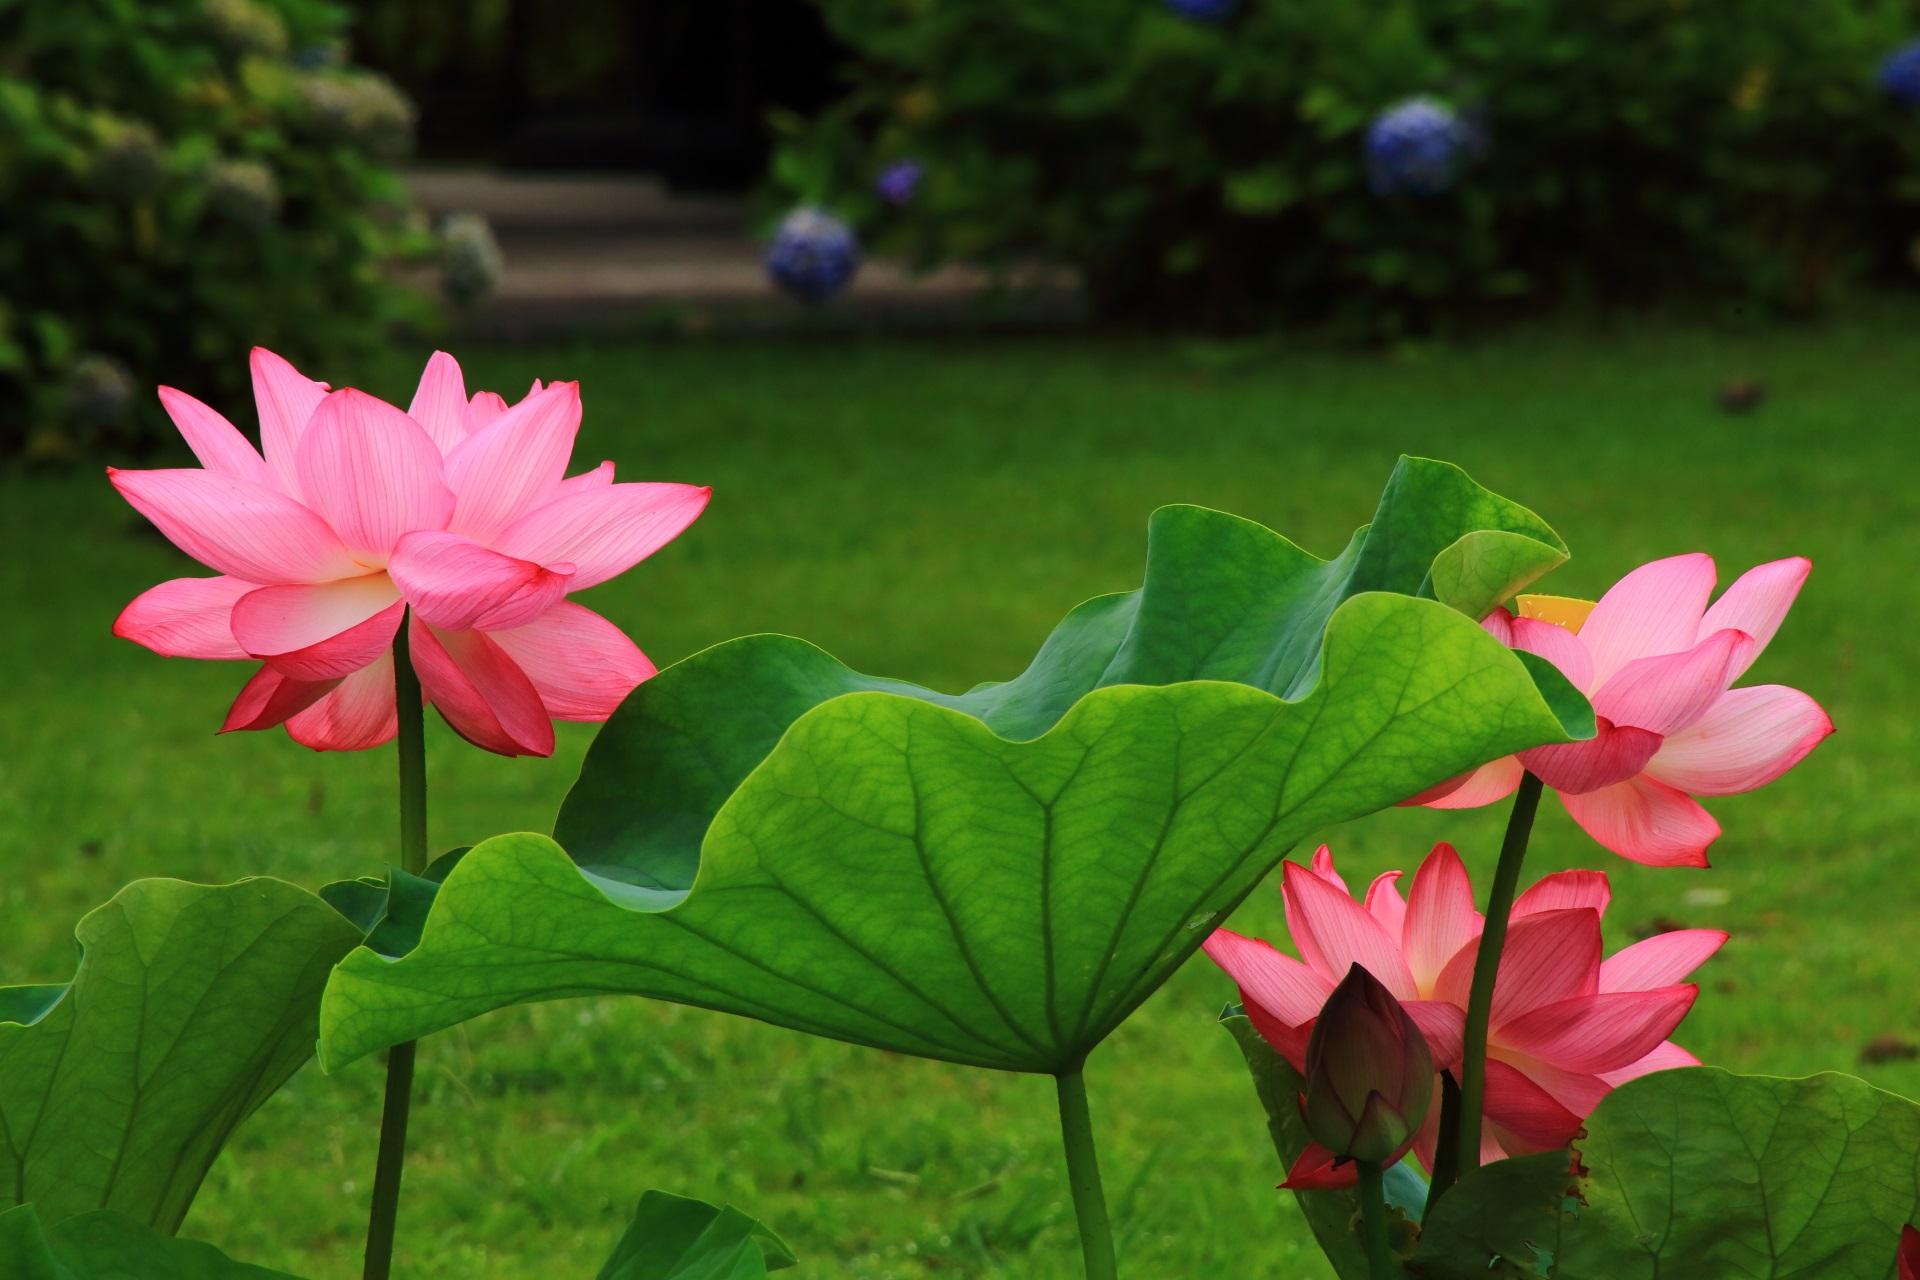 豪快に咲き誇る東寺の蓮の花